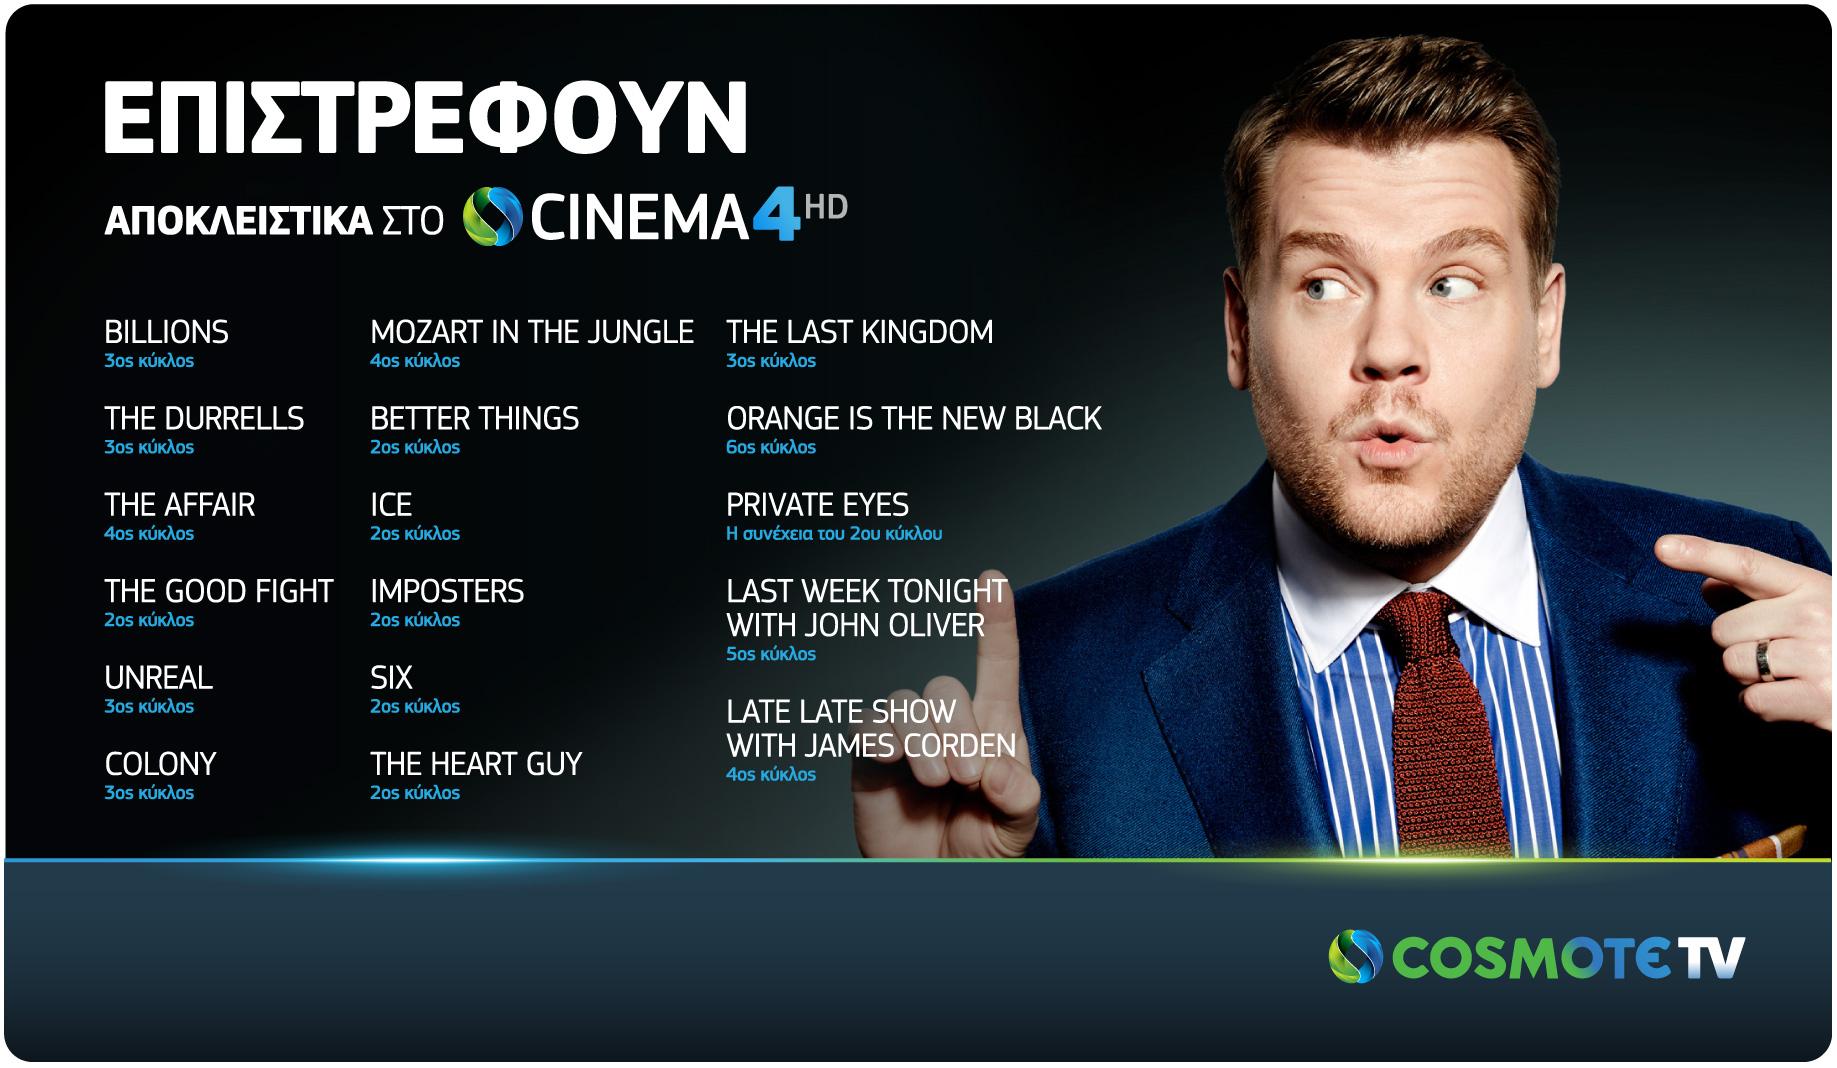 Νέοι κύκλοιεπιτυχημένων σειρών στην Cosmote TV